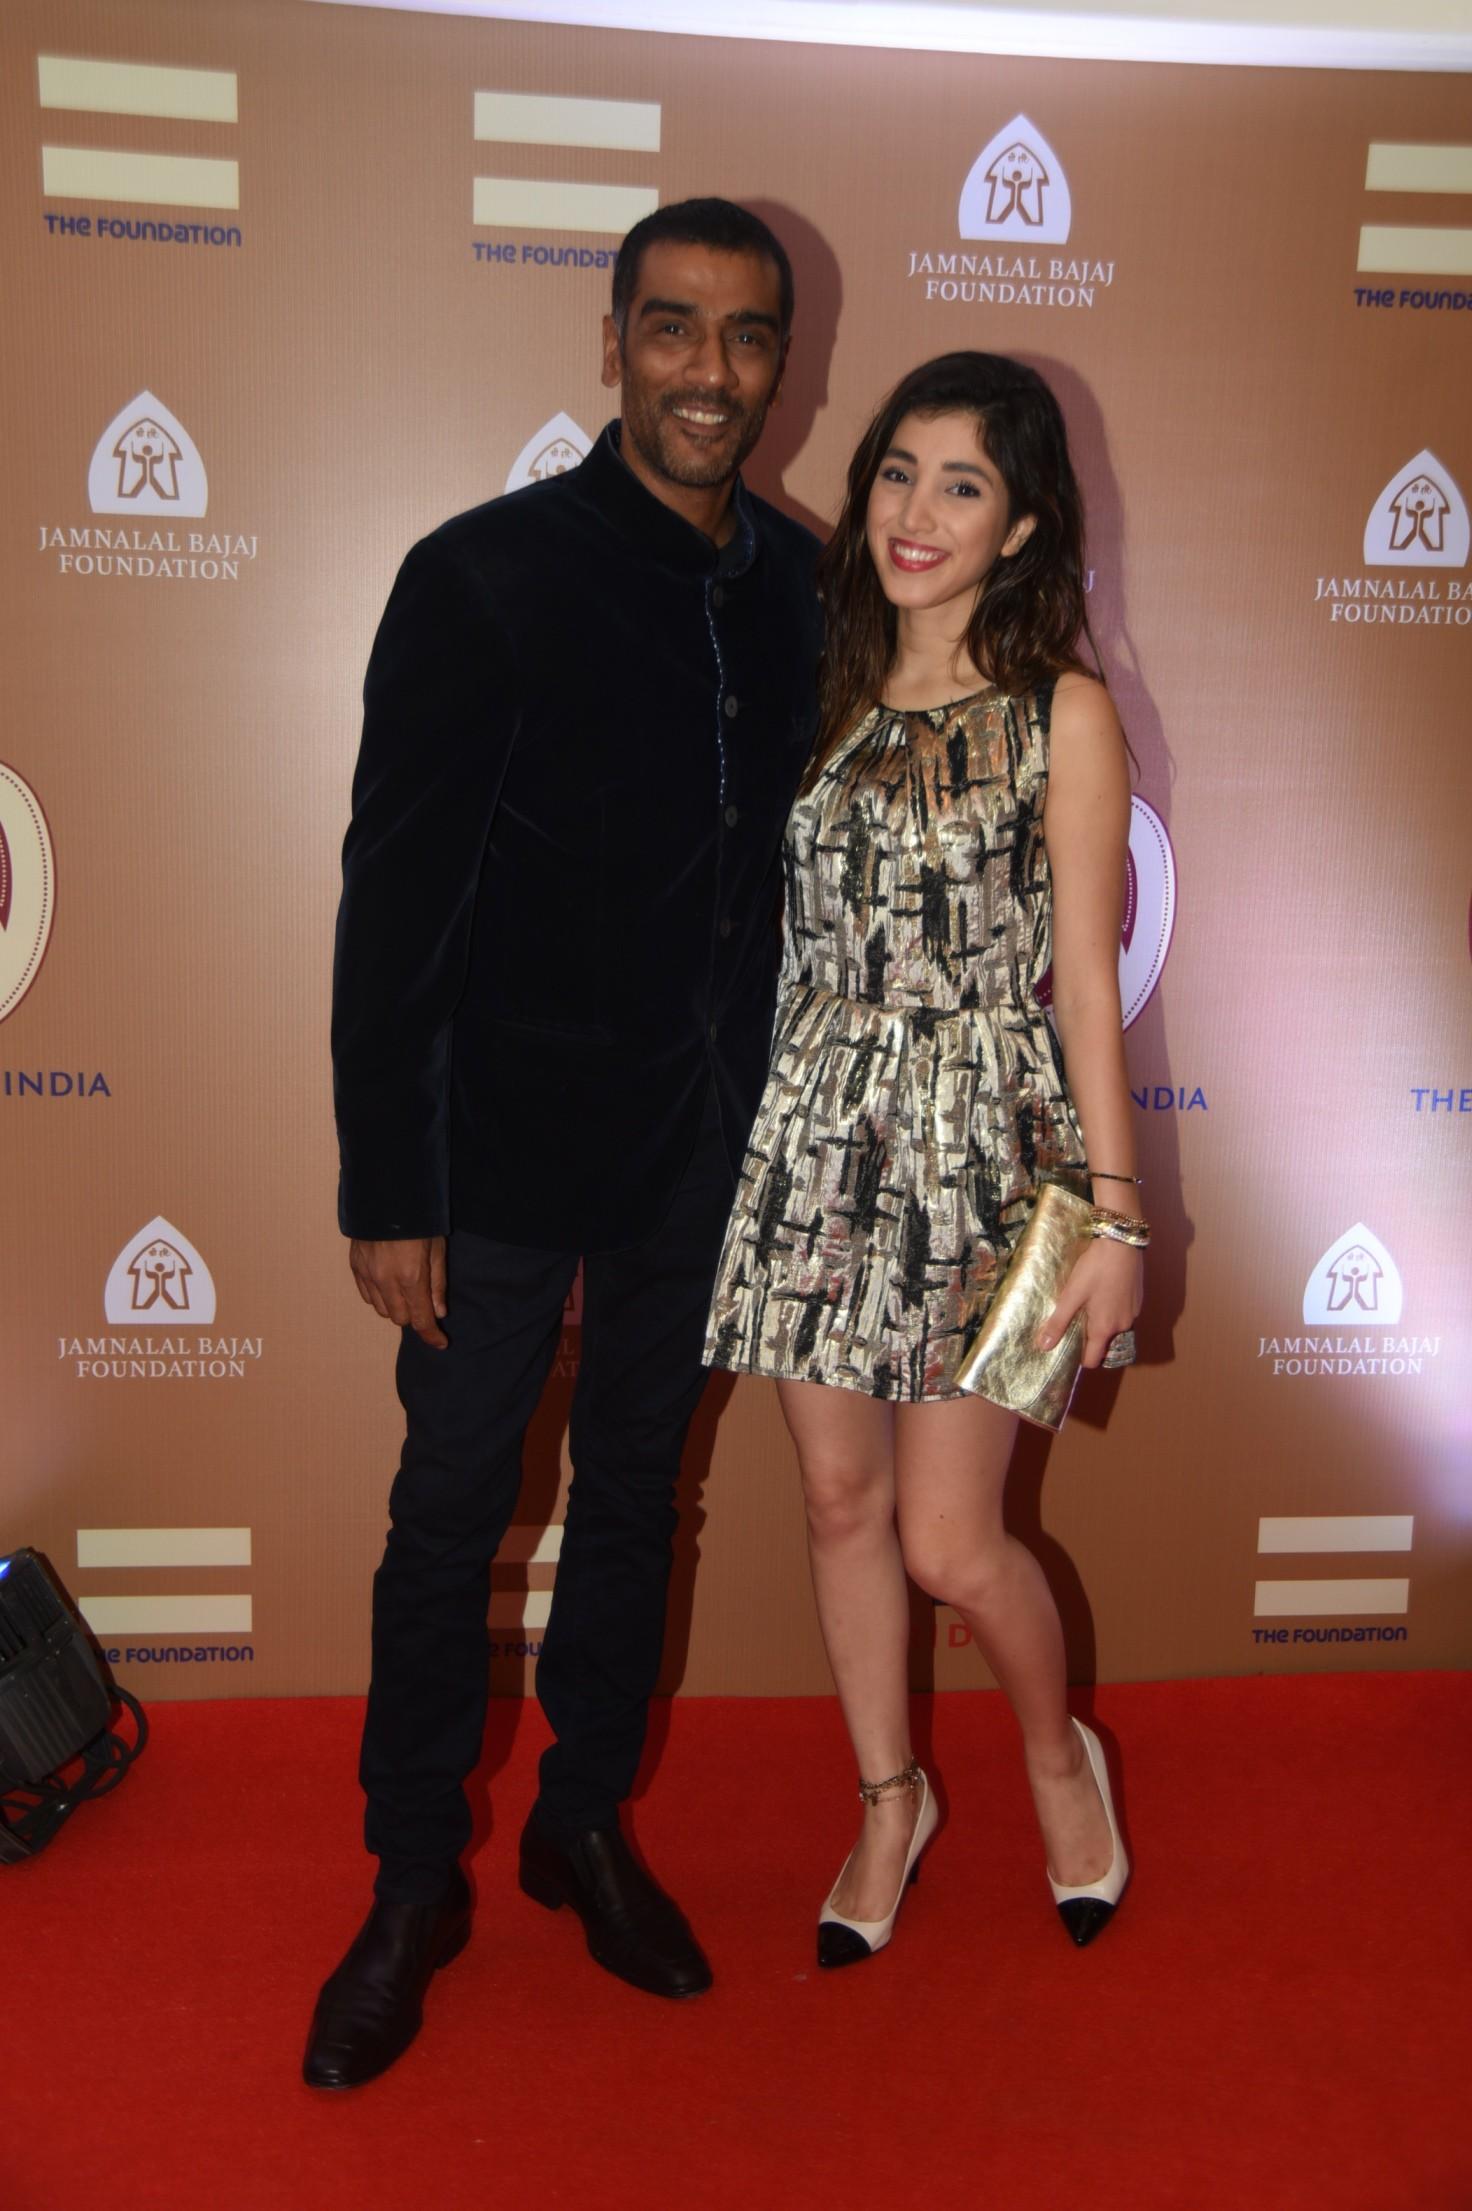 Ravi Krishnan and friend